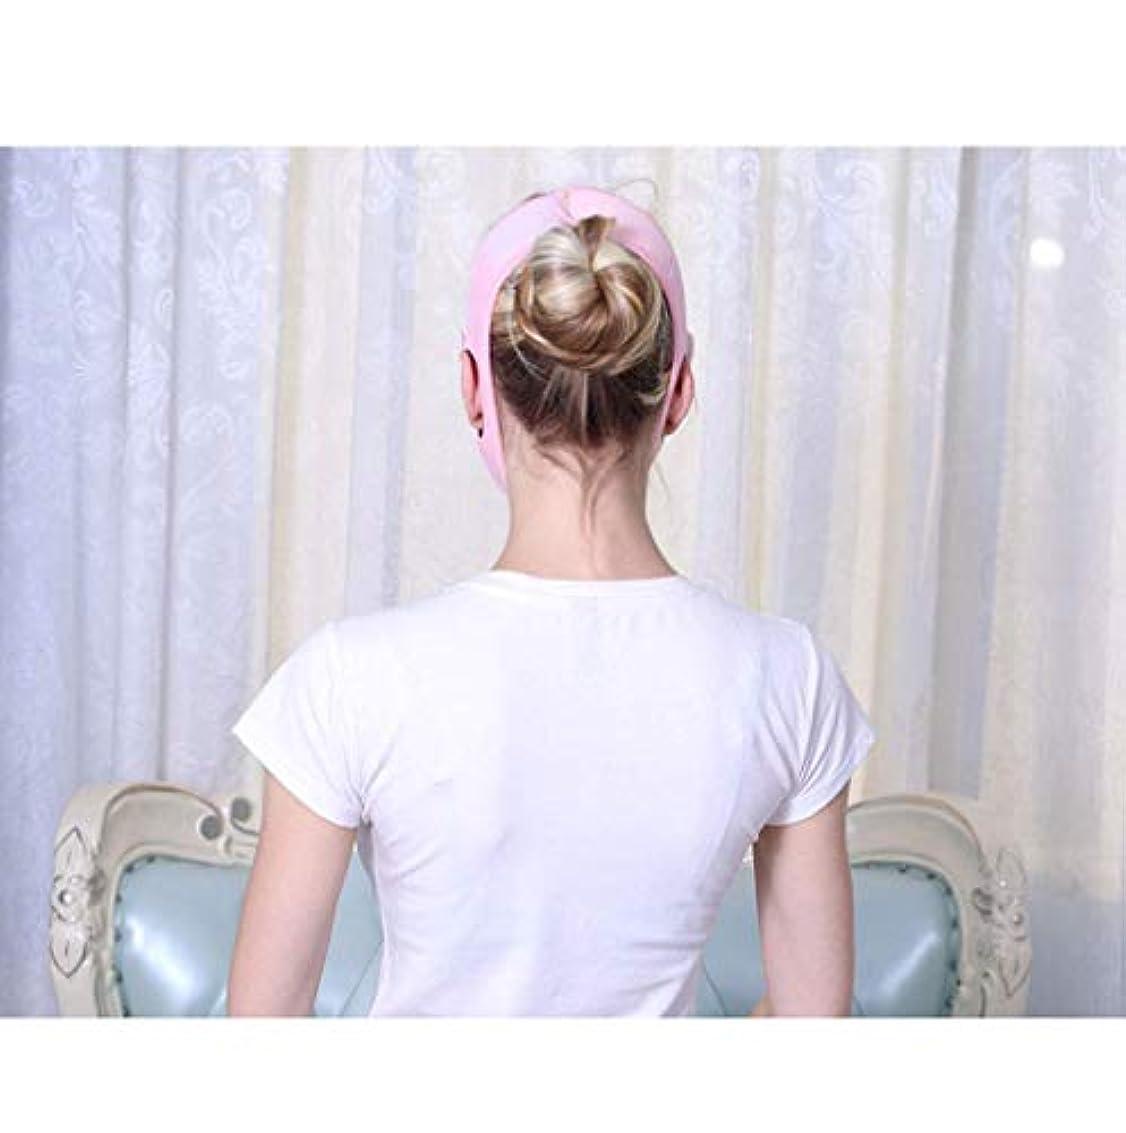 ブラケット岸動揺させる薄型フェイスベルト、V字絆創膏ダブルマスクあご取り法用マスクリフティングファーミングスリーピングマスク(カラー:ホワイト),ピンク